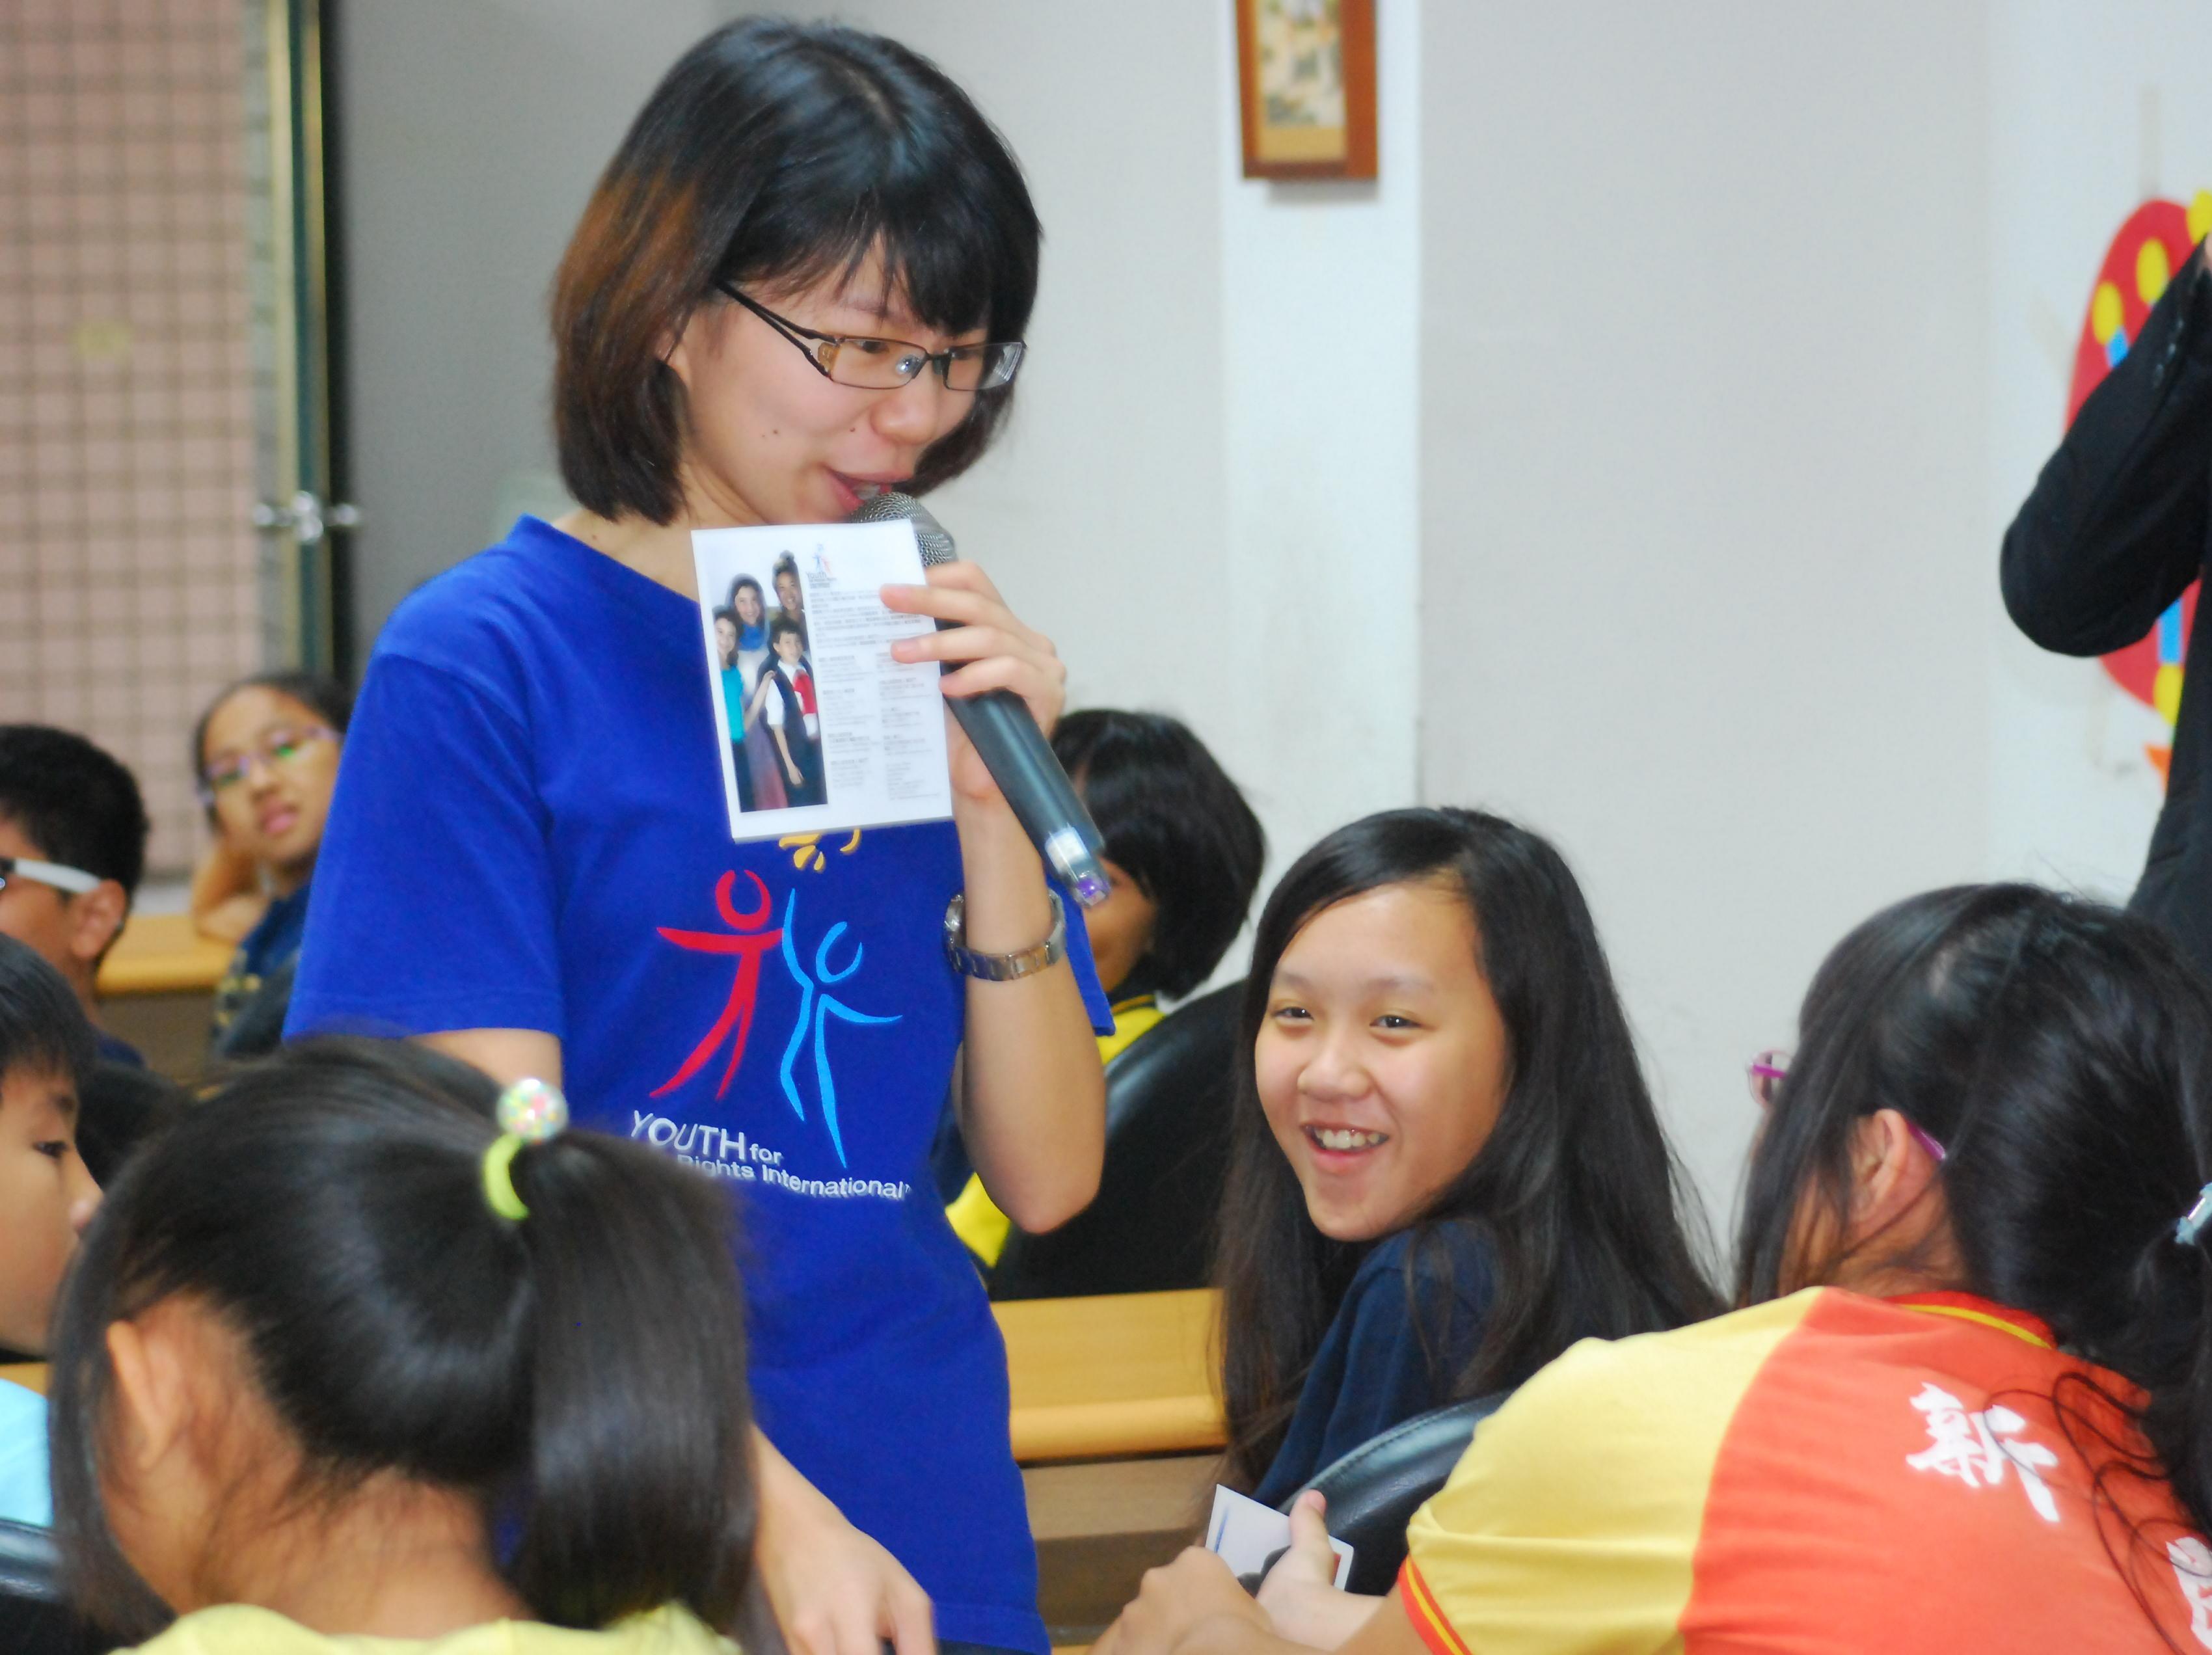 創新人權教學 小六女淡定說:「要尊重他人!」